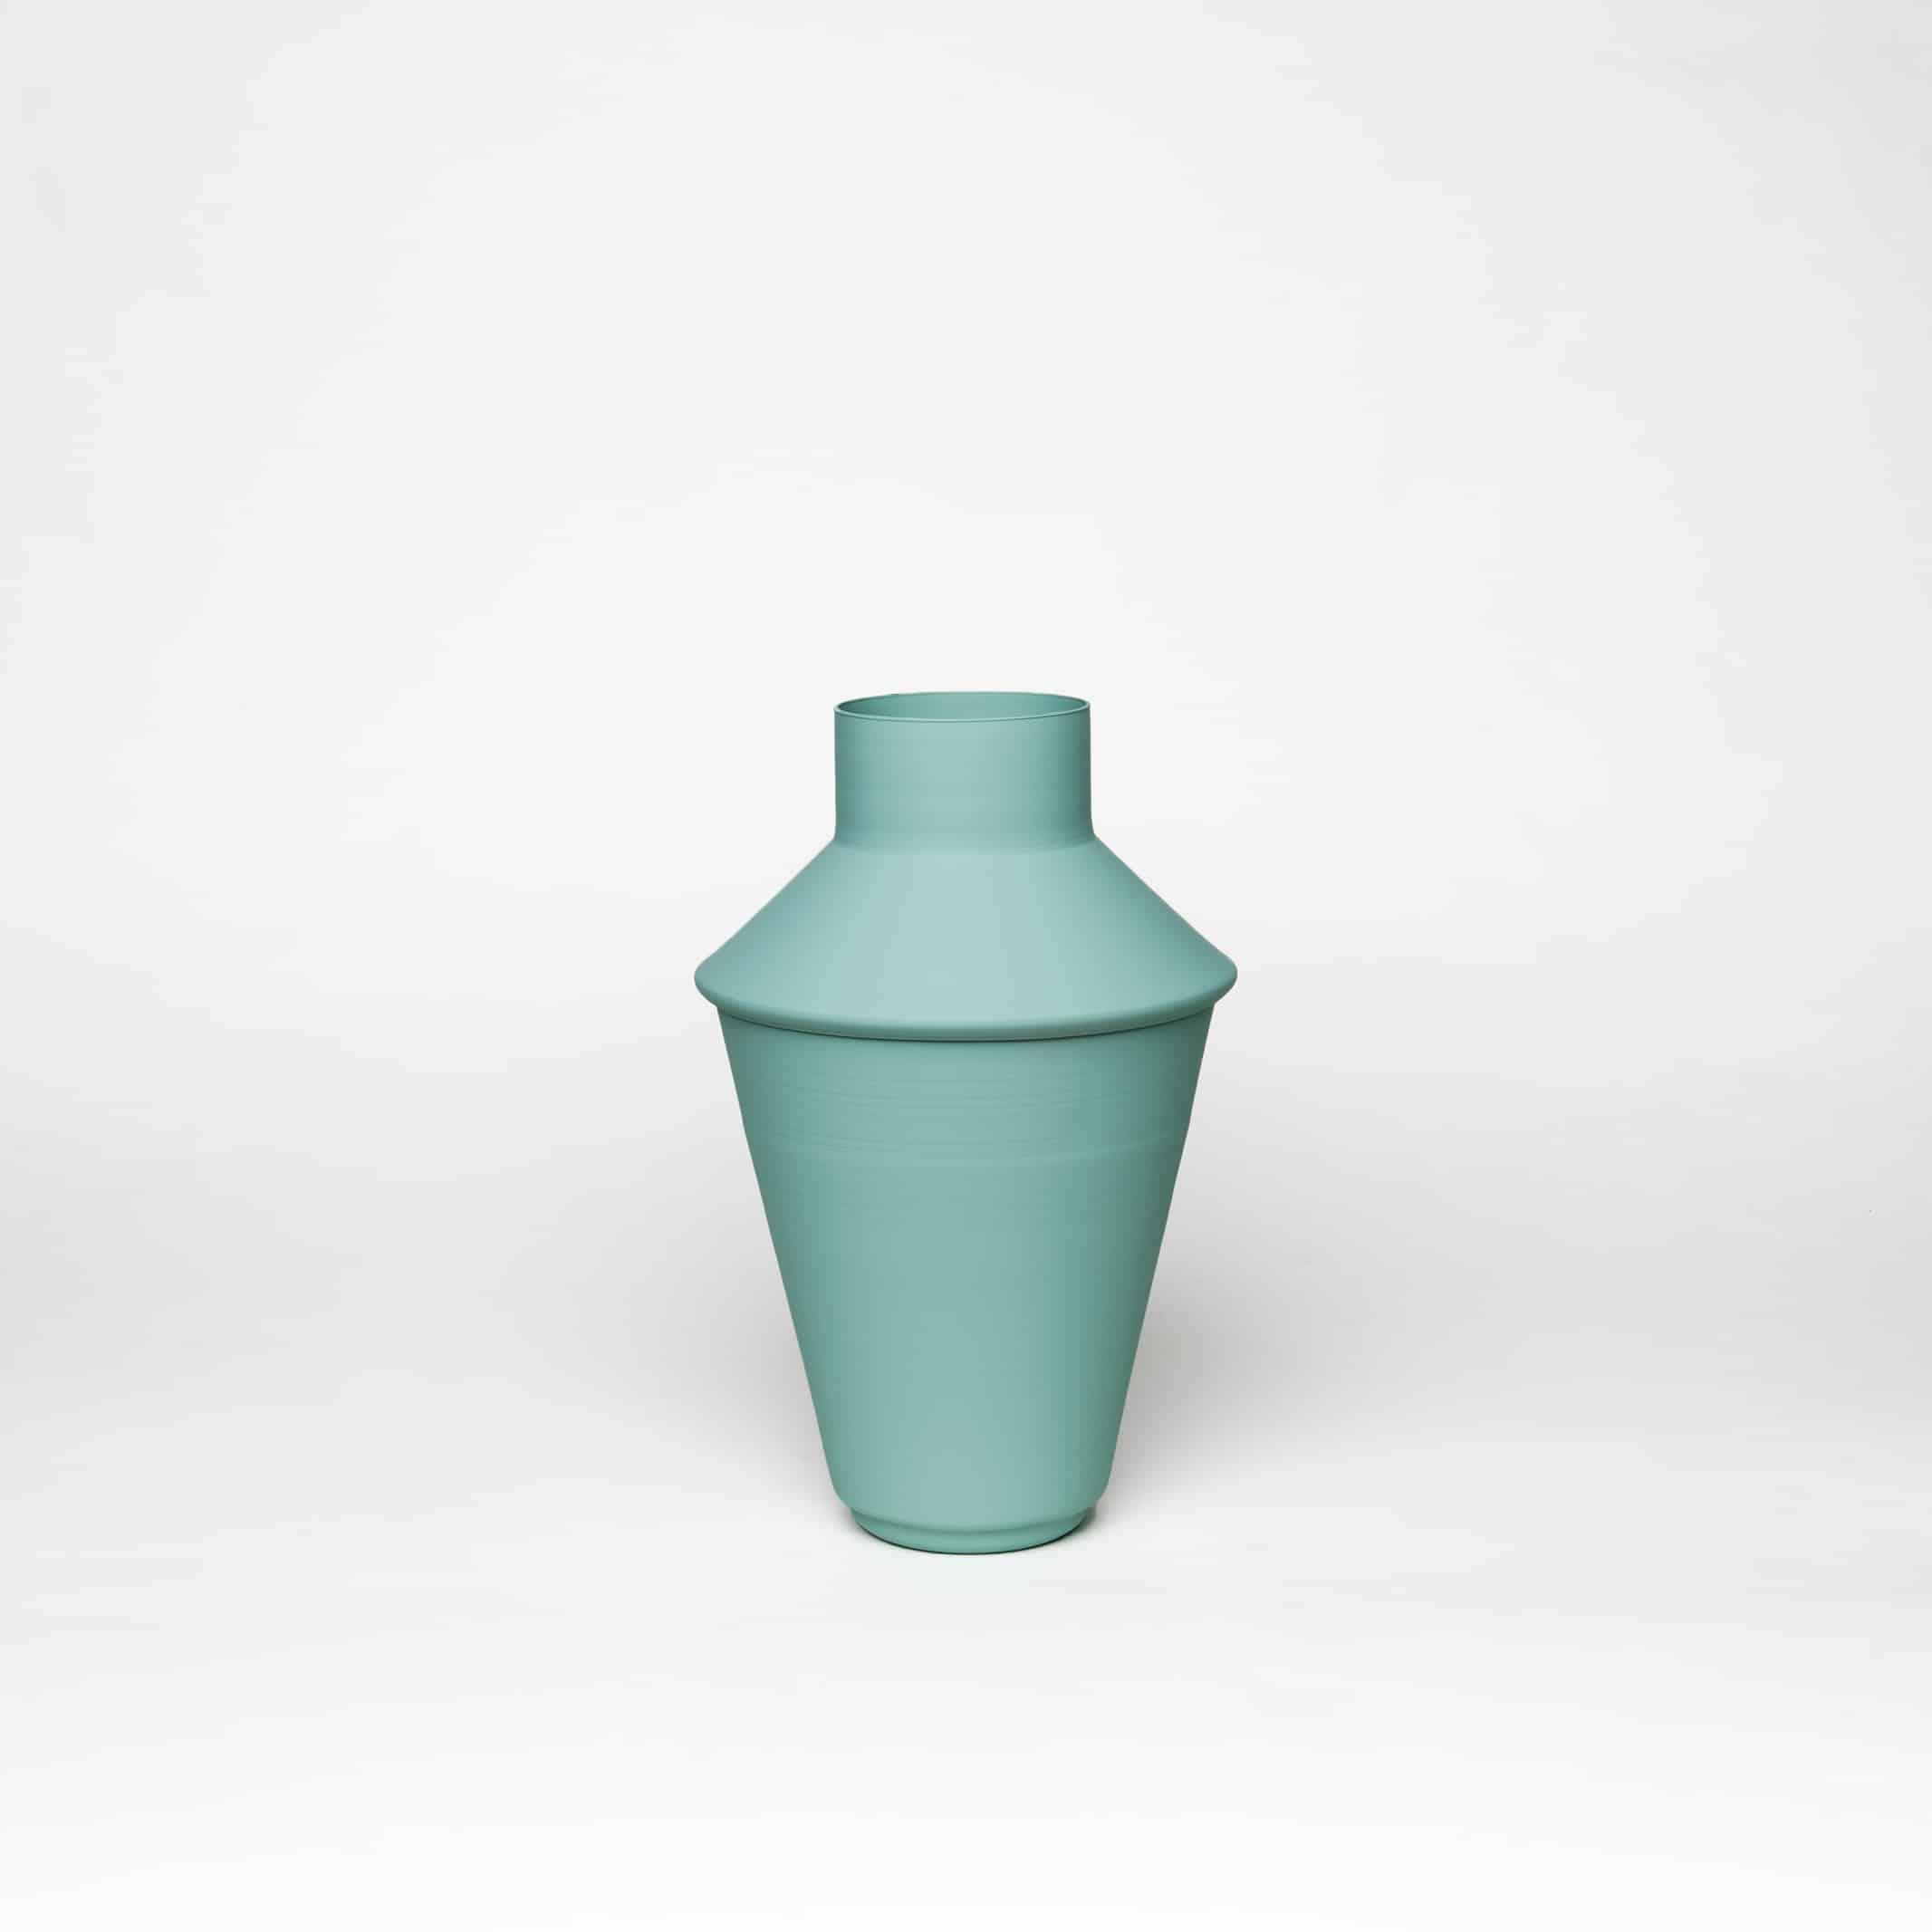 כדים כדי מתכת בצבע טורקיז